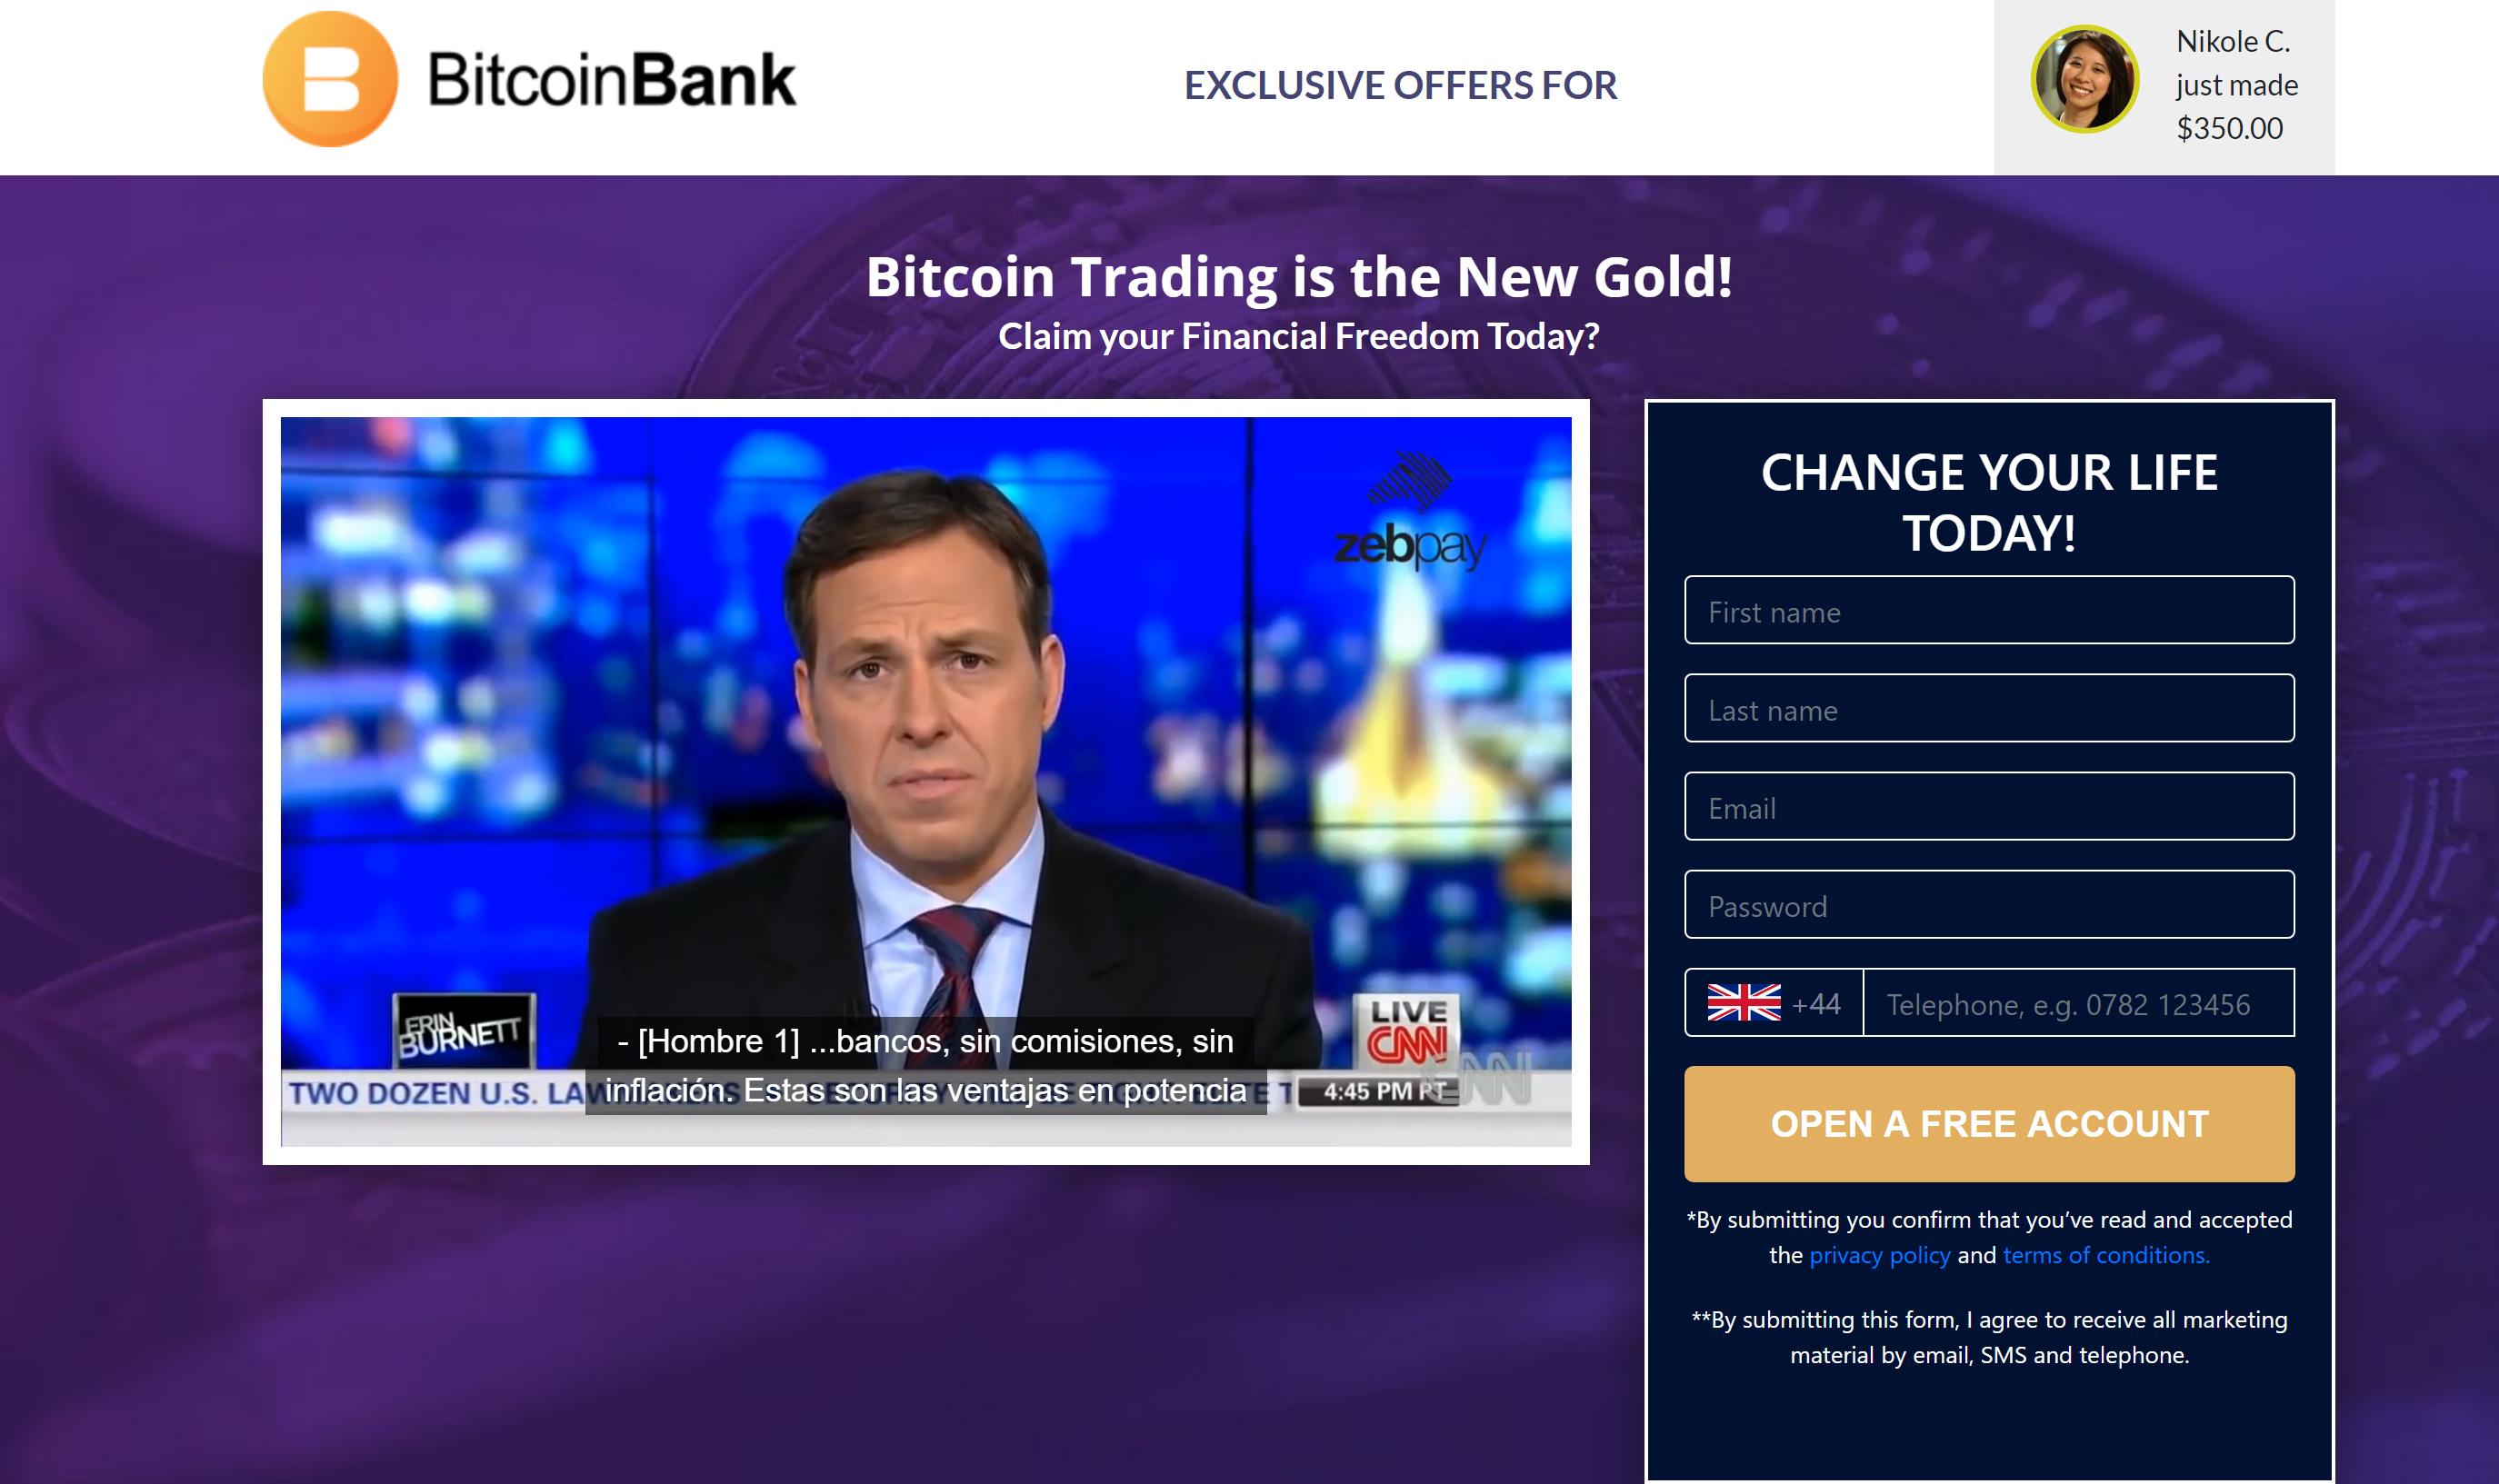 Čiaupai, skirti uždirbti bitcoin grynaisiais bitcoin grynaisiais